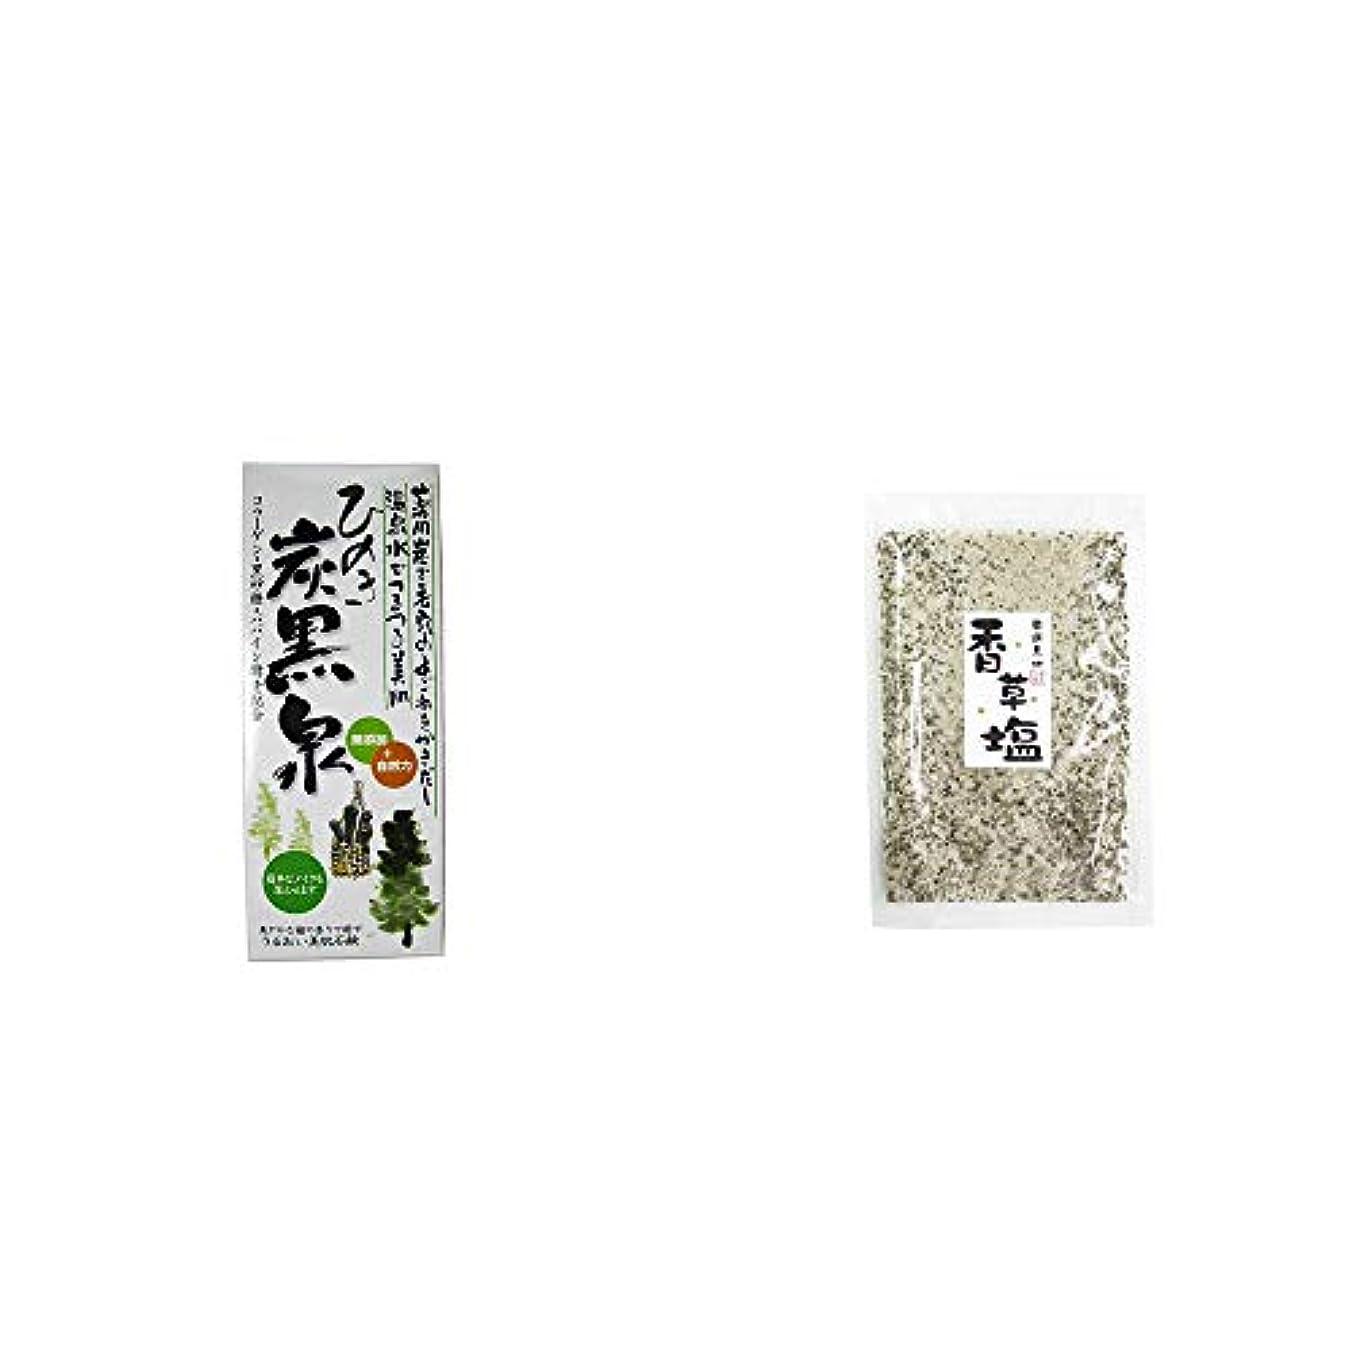 商品いとこに渡って[2点セット] ひのき炭黒泉 箱入り(75g×3)?香草塩 [袋タイプ](100g)